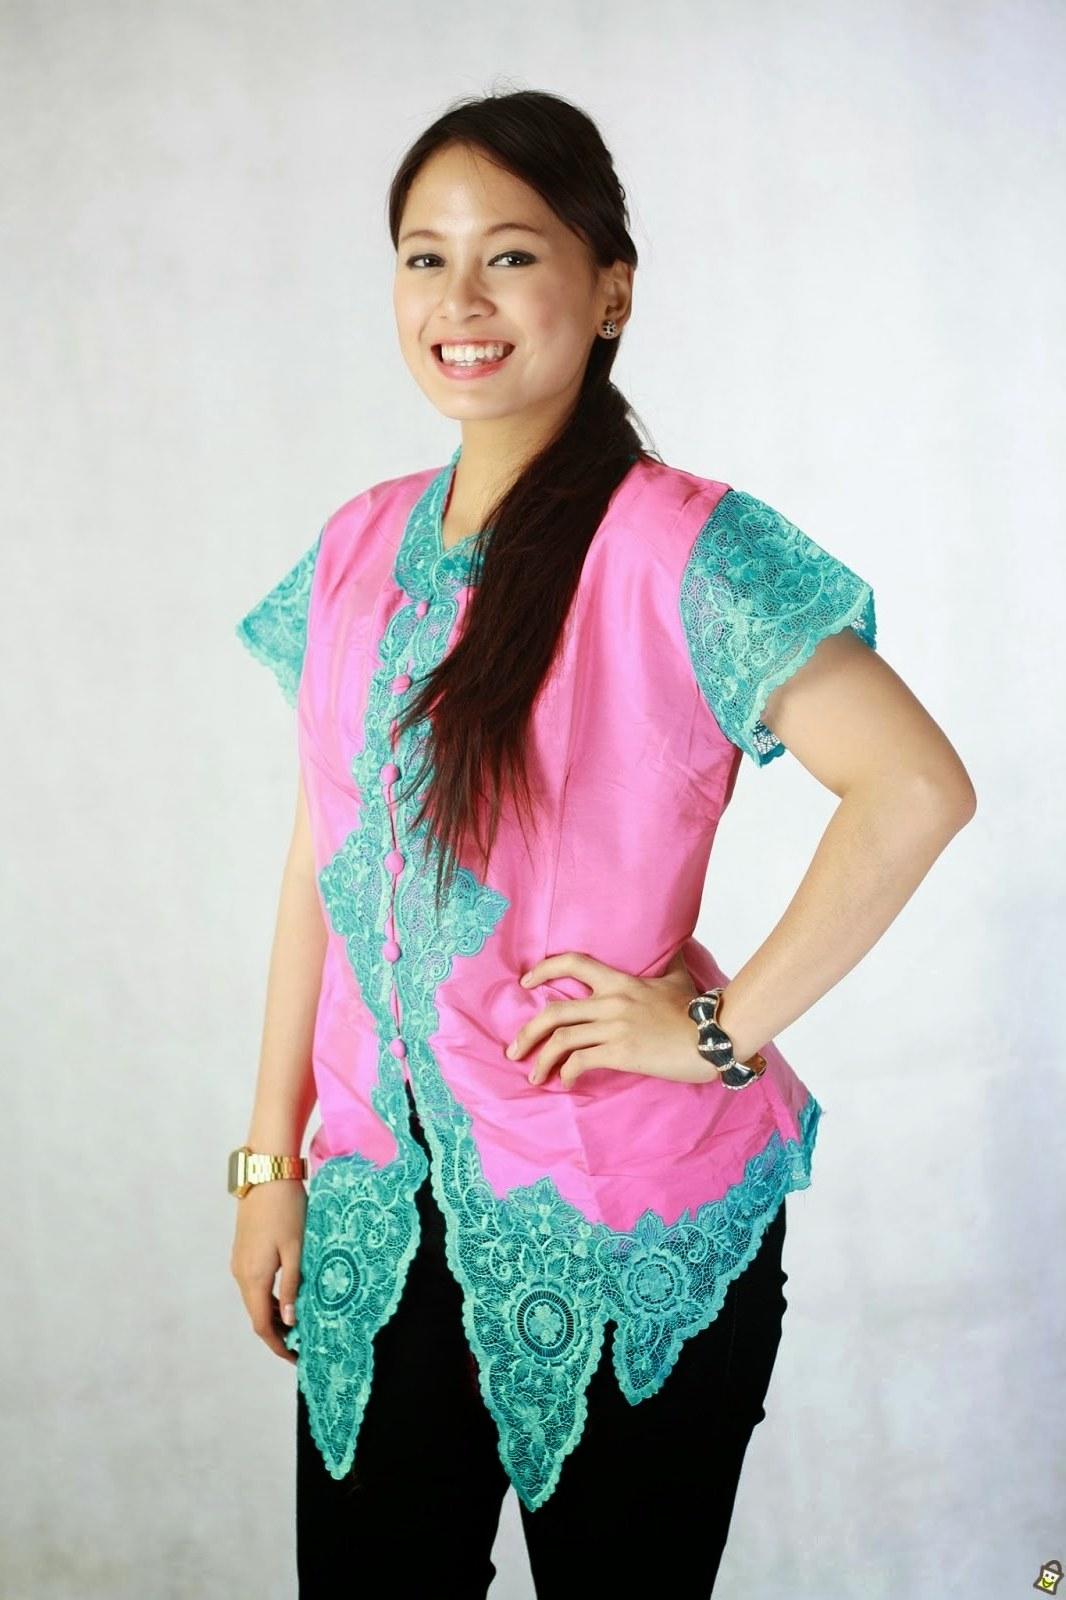 Bentuk Model Baju Lebaran Jaman Sekarang Tqd3 Kumpulan Foto Model Baju Kebaya Jaman Sekarang Trend